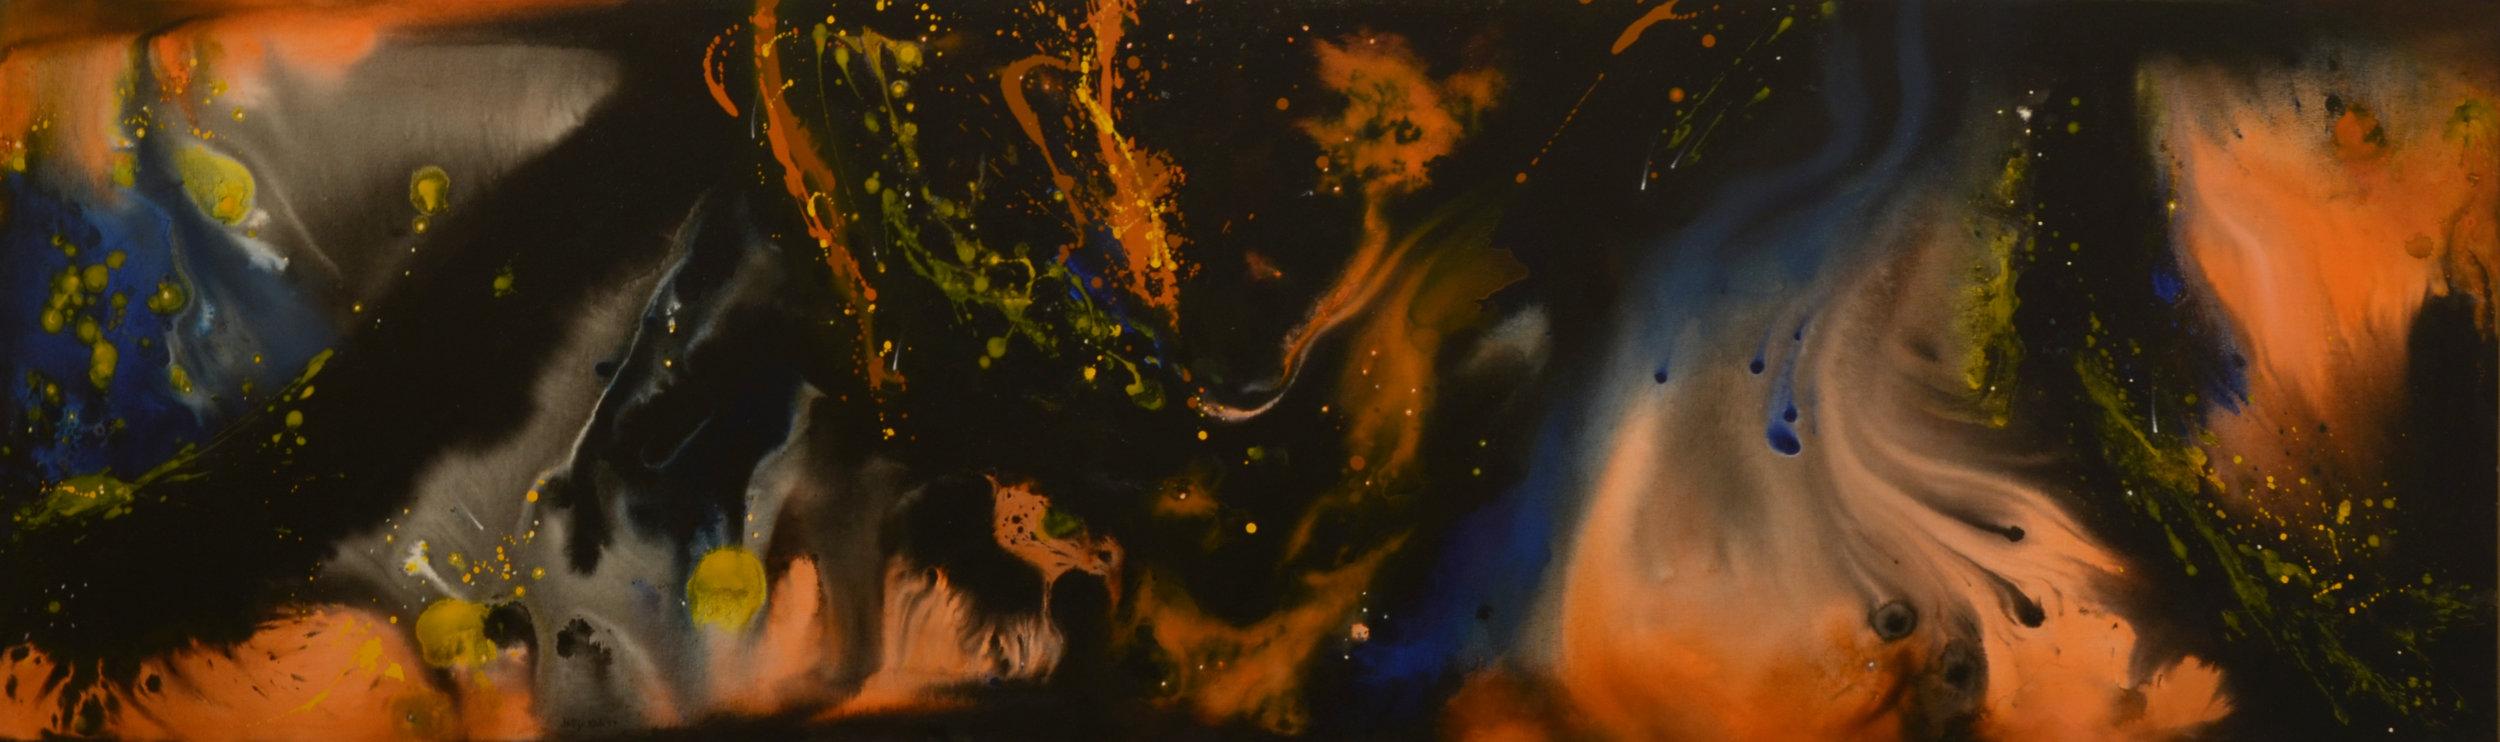 Chinese Nebula